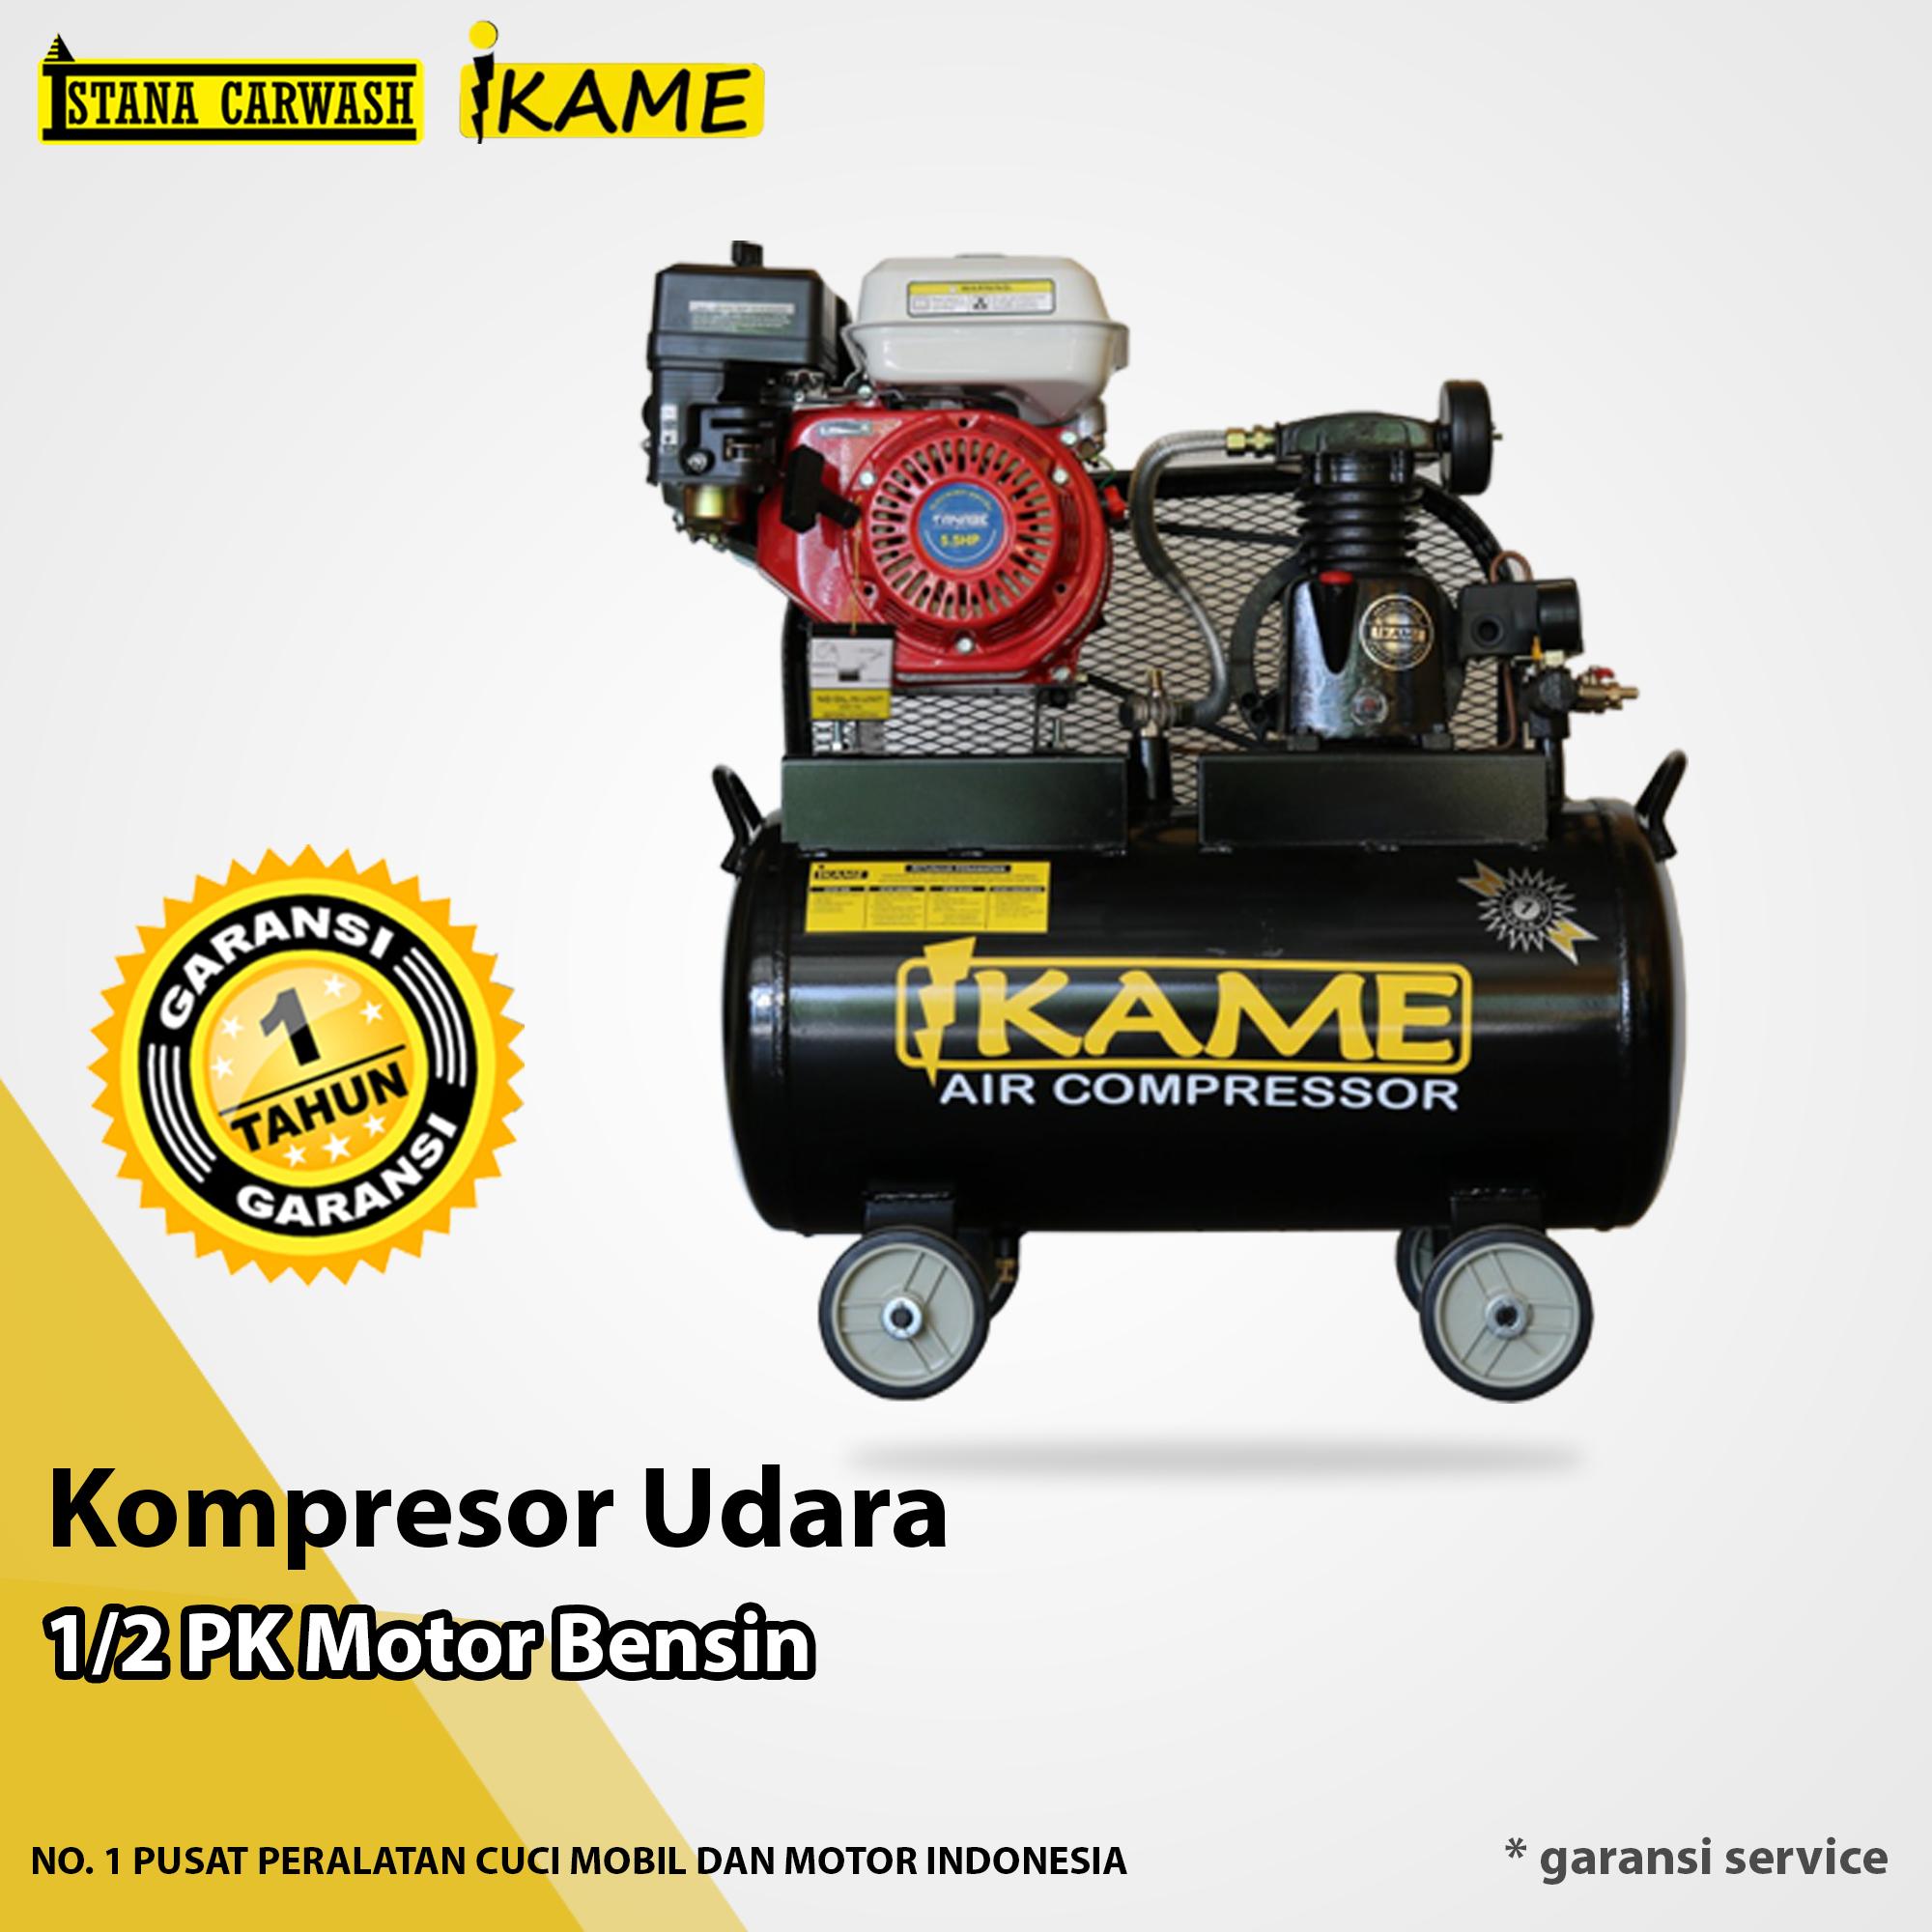 Kompresor Udara Ikame 1/2 Pk Motor Bensin